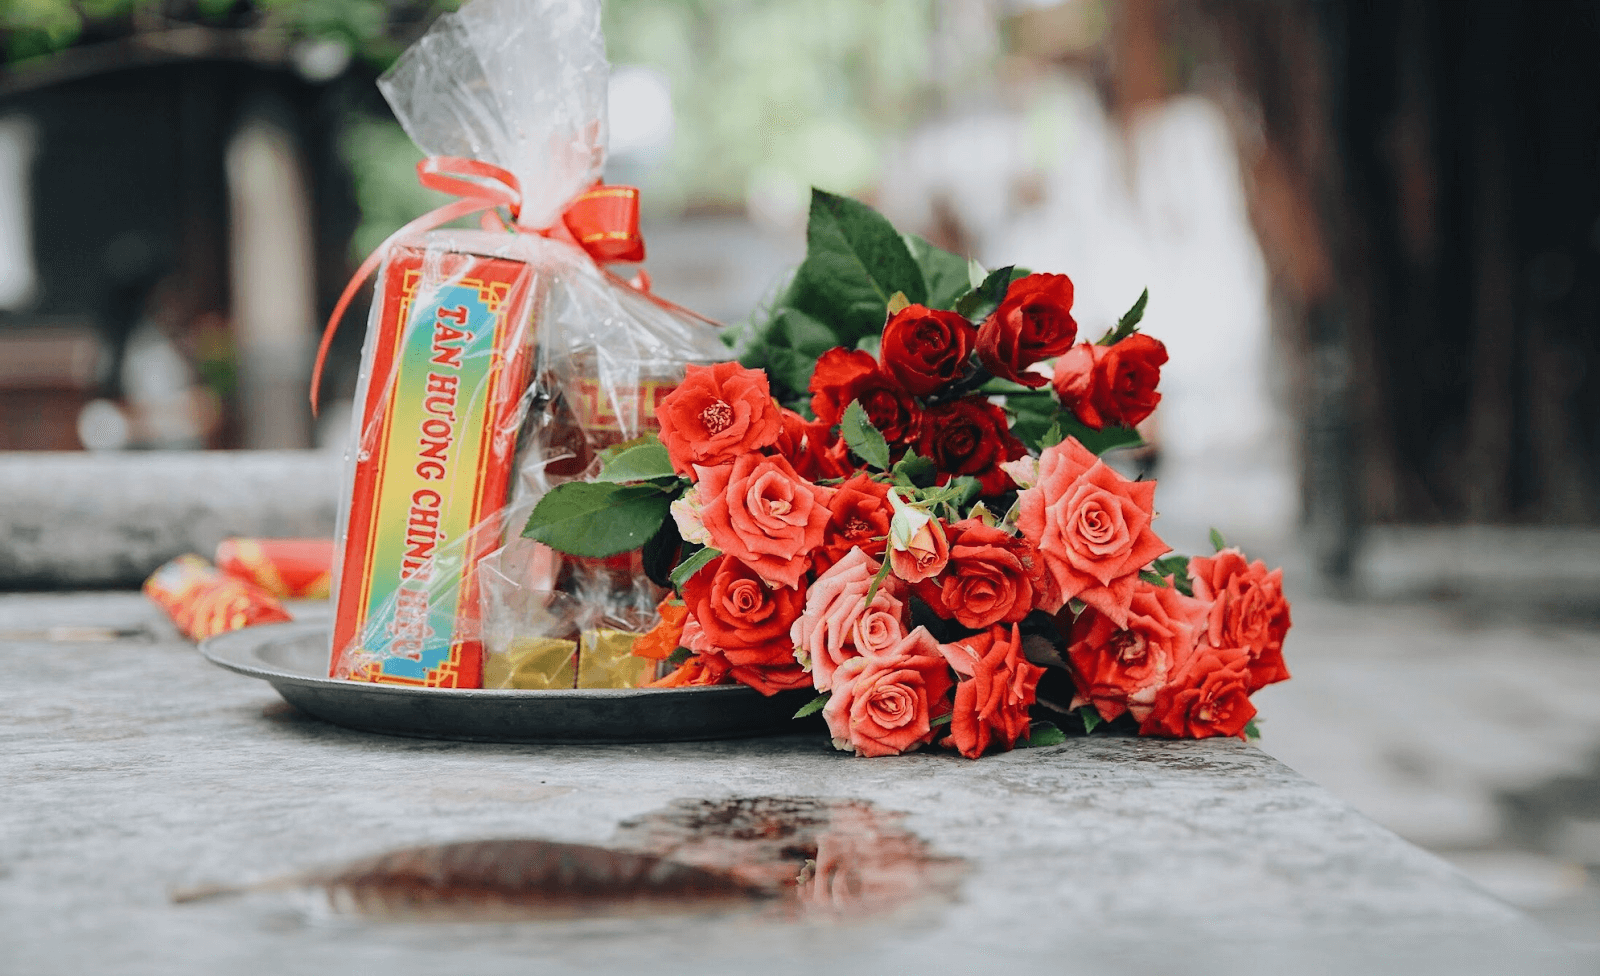 Hoa hồng tượng trưng cho tình yêu nên được bày bán ở khắp nơi